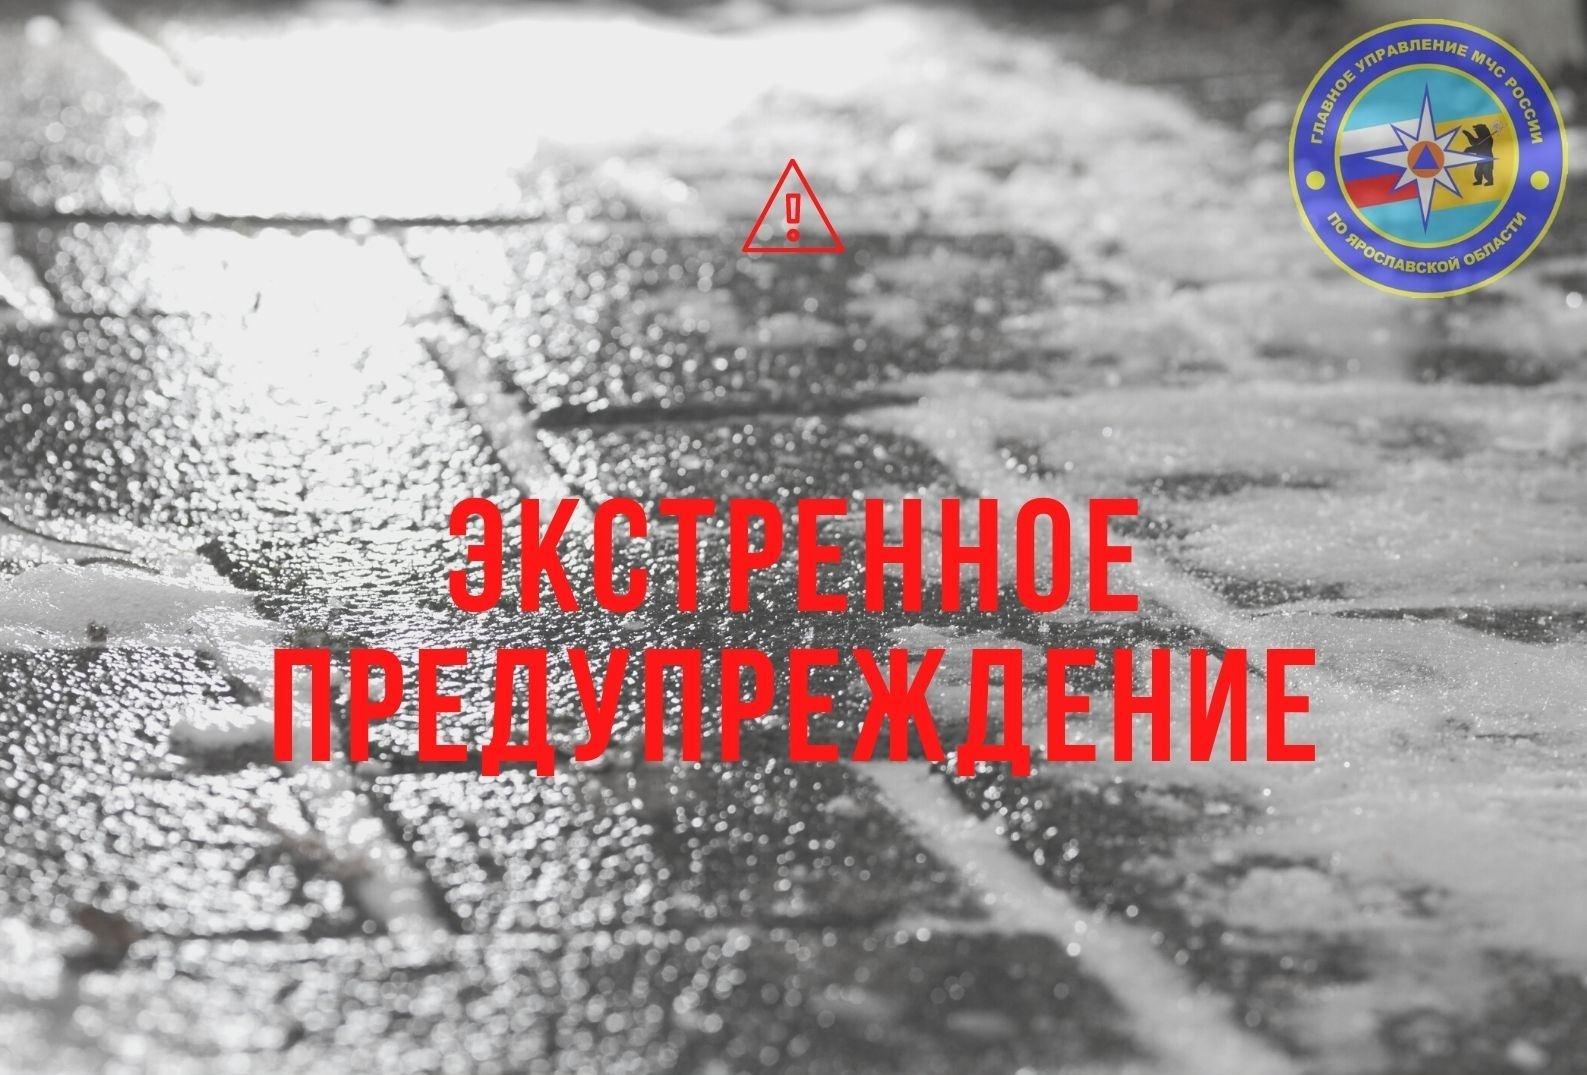 МЧС предупредило жителей Ярославской области о гололедице